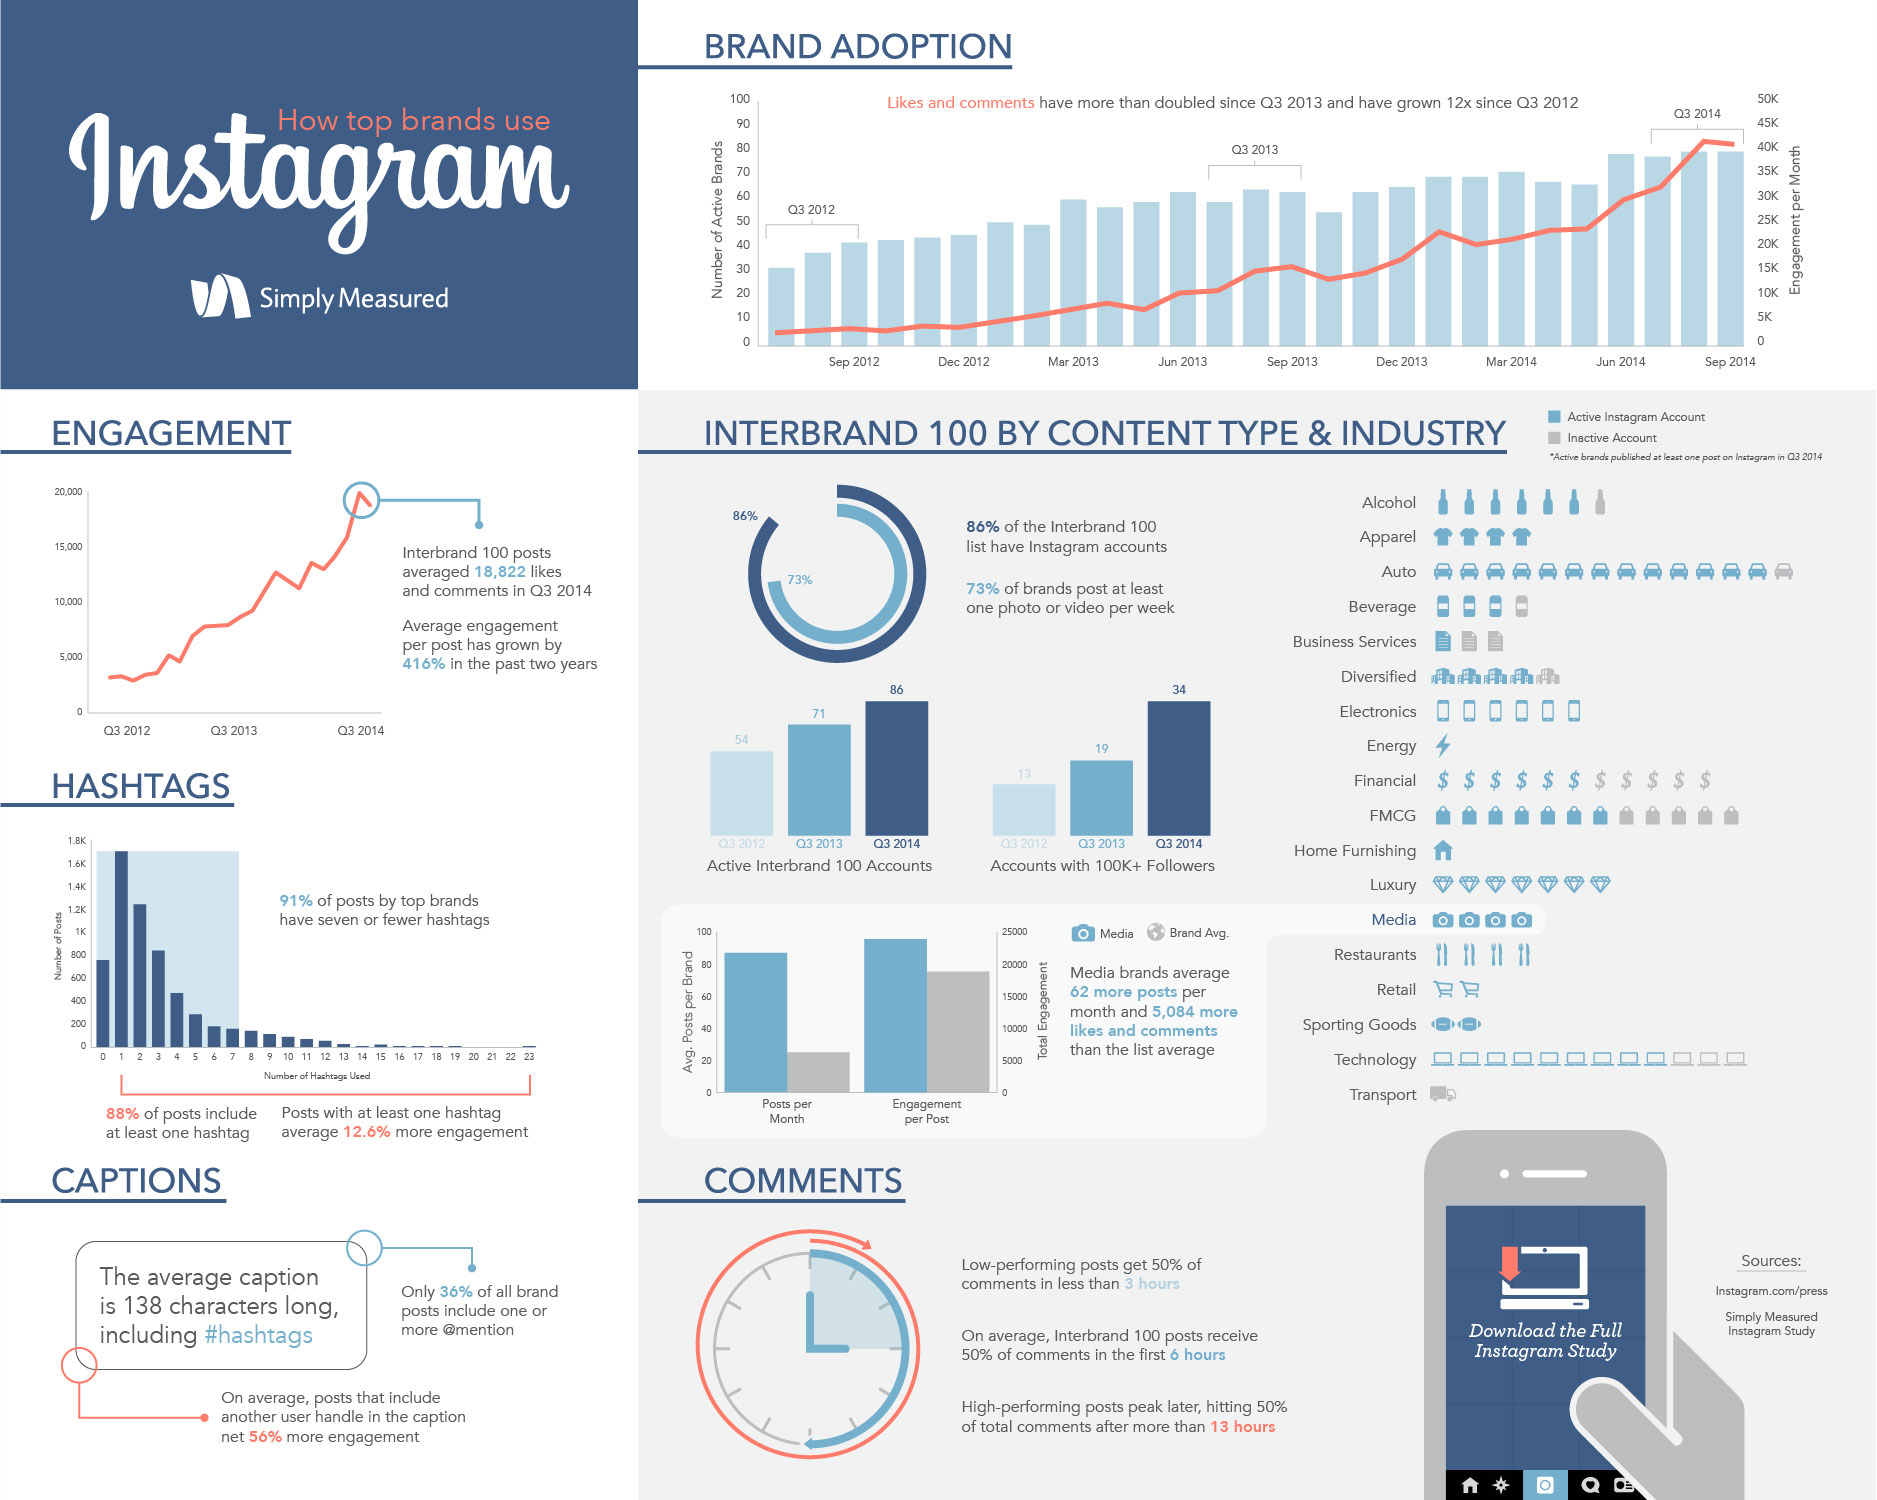 Büyük markaların Instagram kullanımı